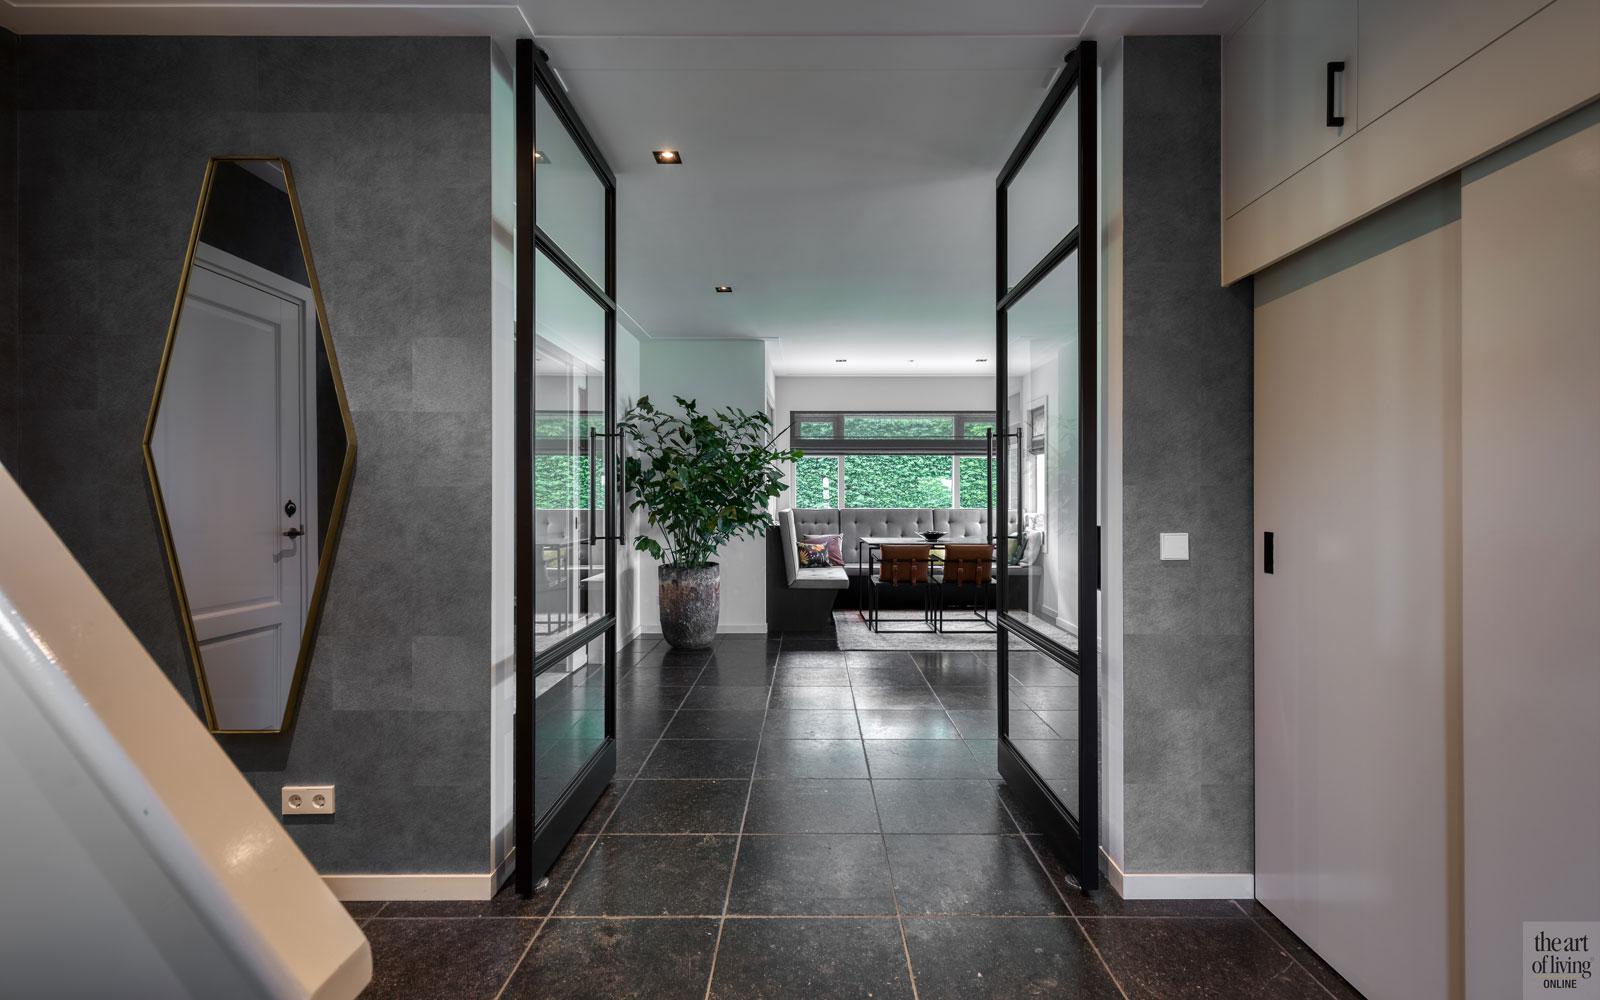 Landhuis, Marcel de Ruiter, Interieur, Strak interieur, Stalen deuren, Stalen deur, Open haard, Stenen vloer, sfeervol interieur